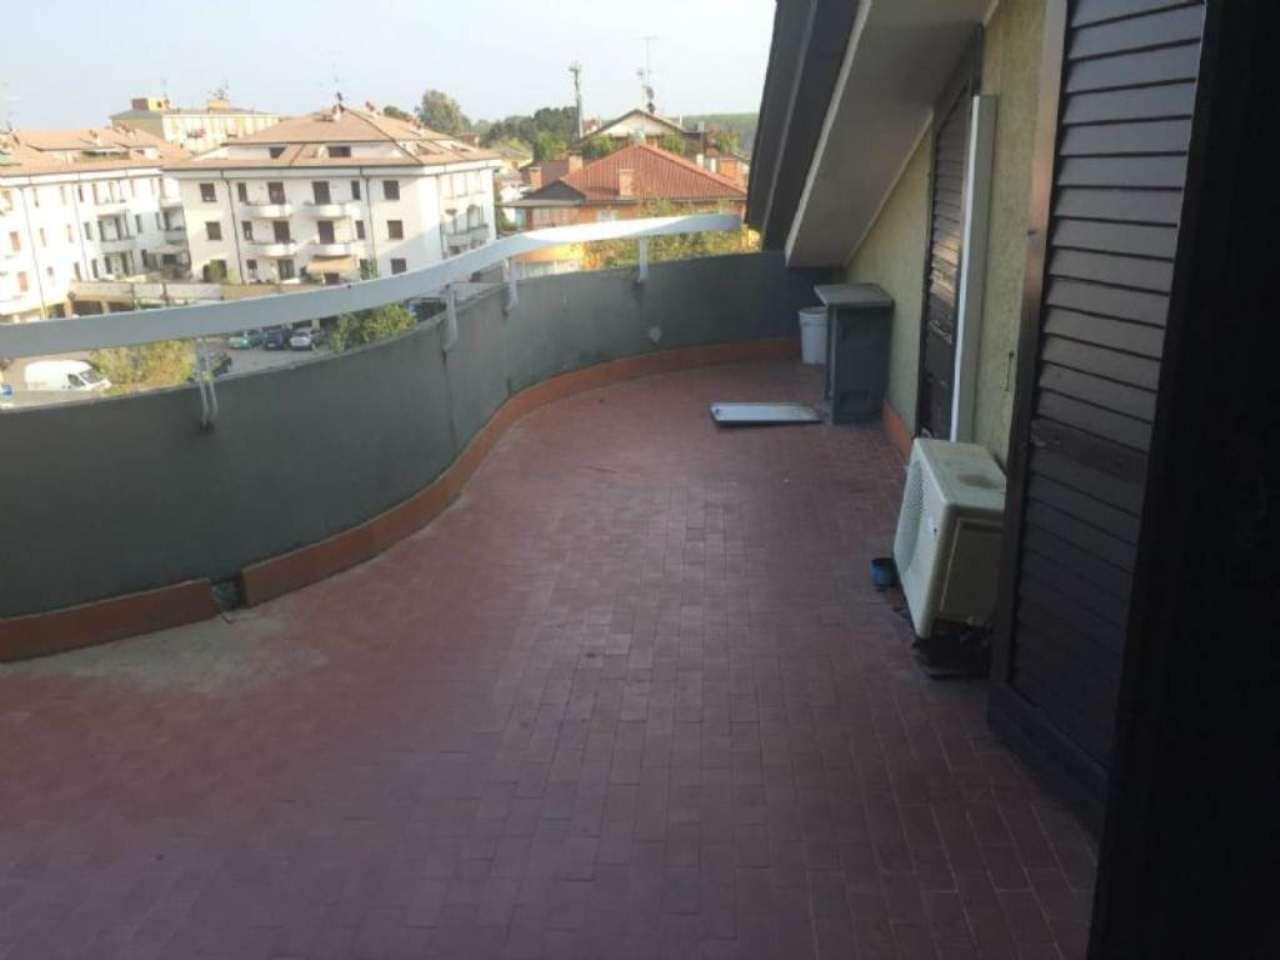 Attico / Mansarda in vendita a Viadana, 3 locali, prezzo € 62.000 | Cambio Casa.it